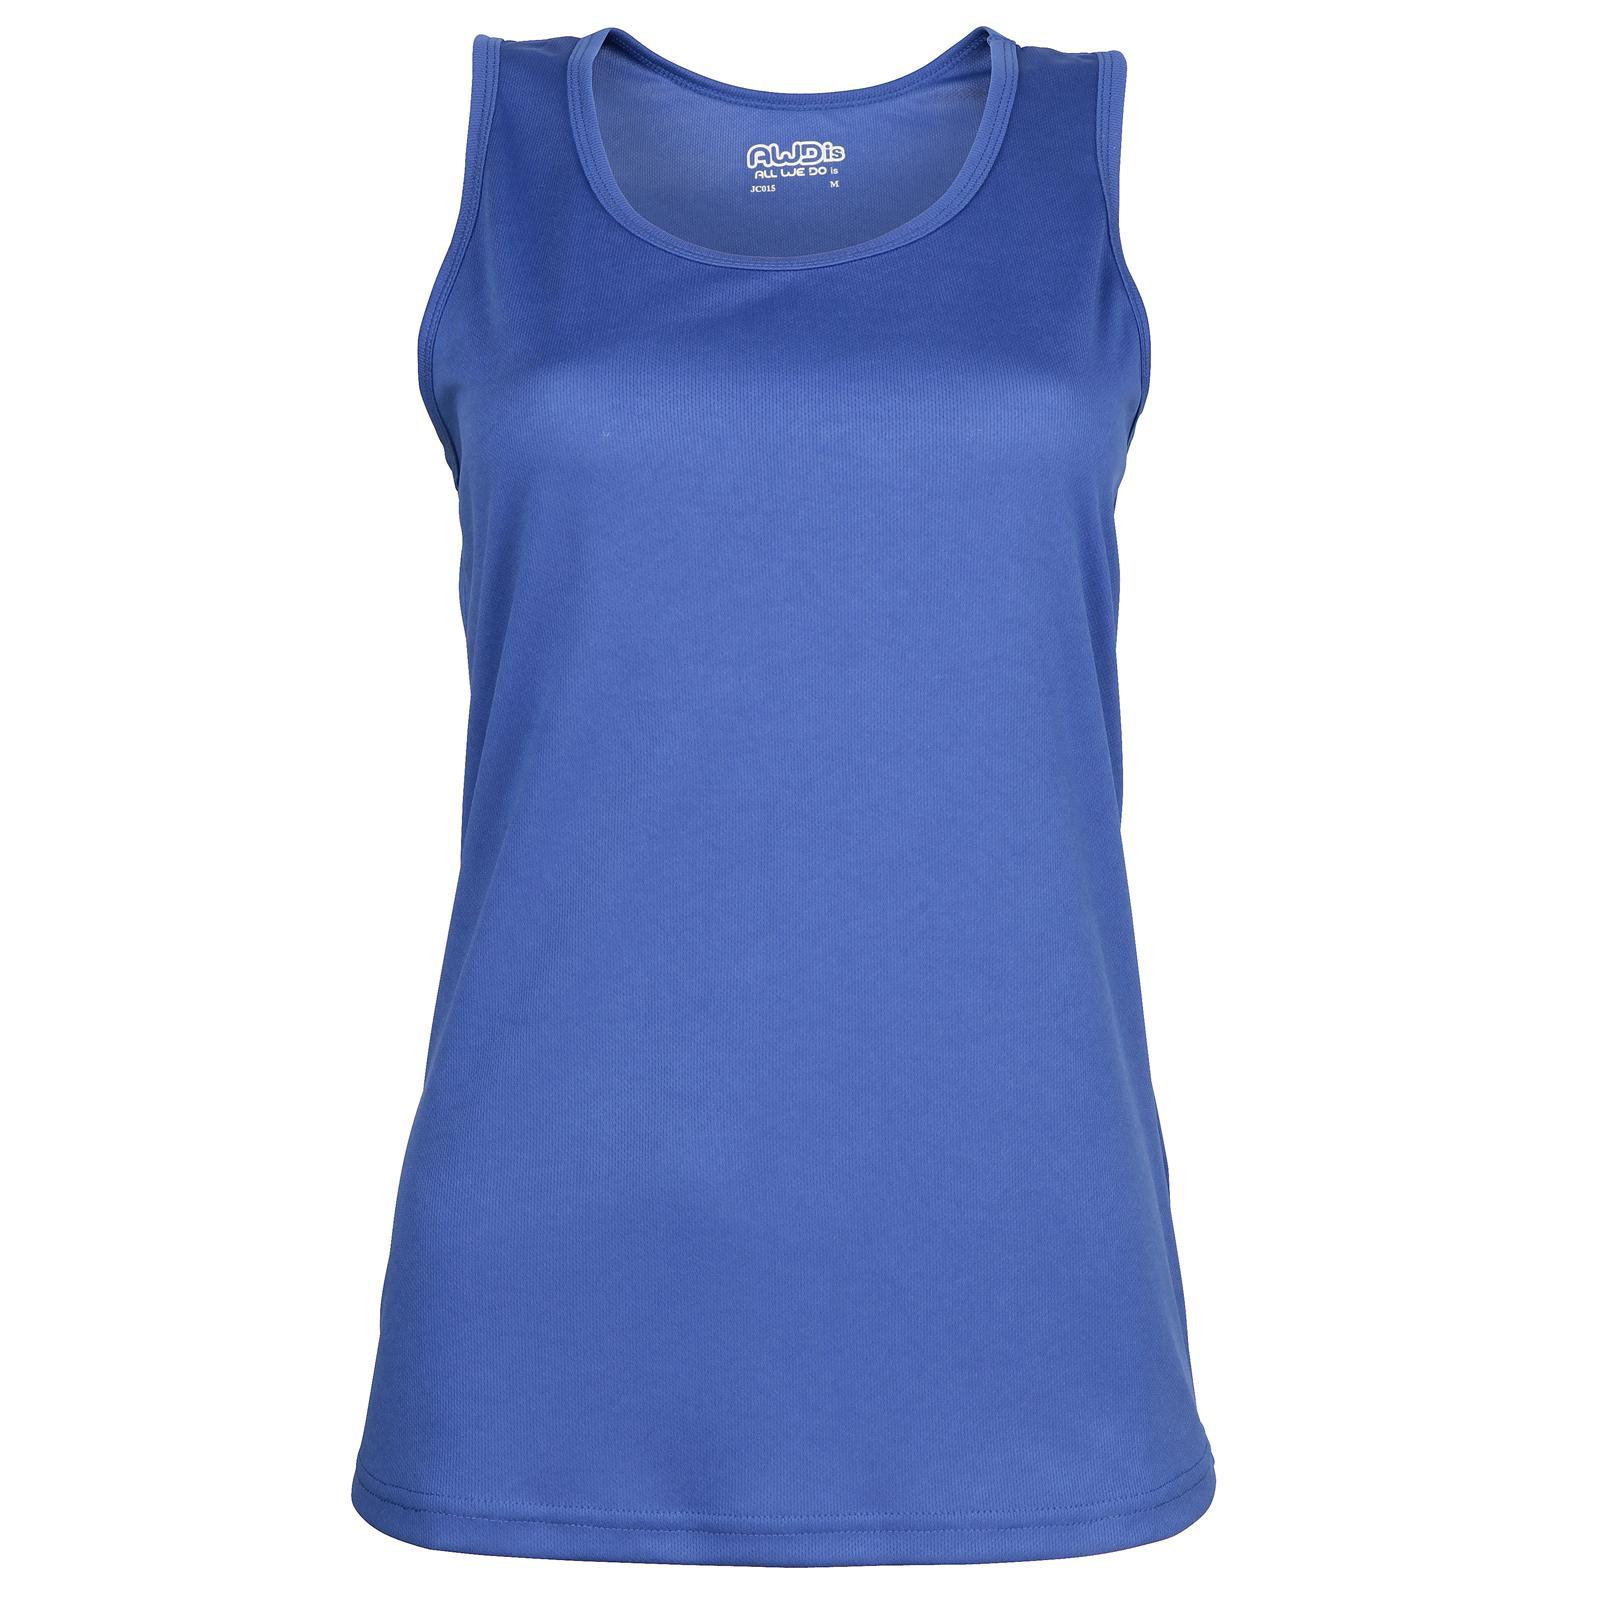 Fitness Clothes Ladies Uk